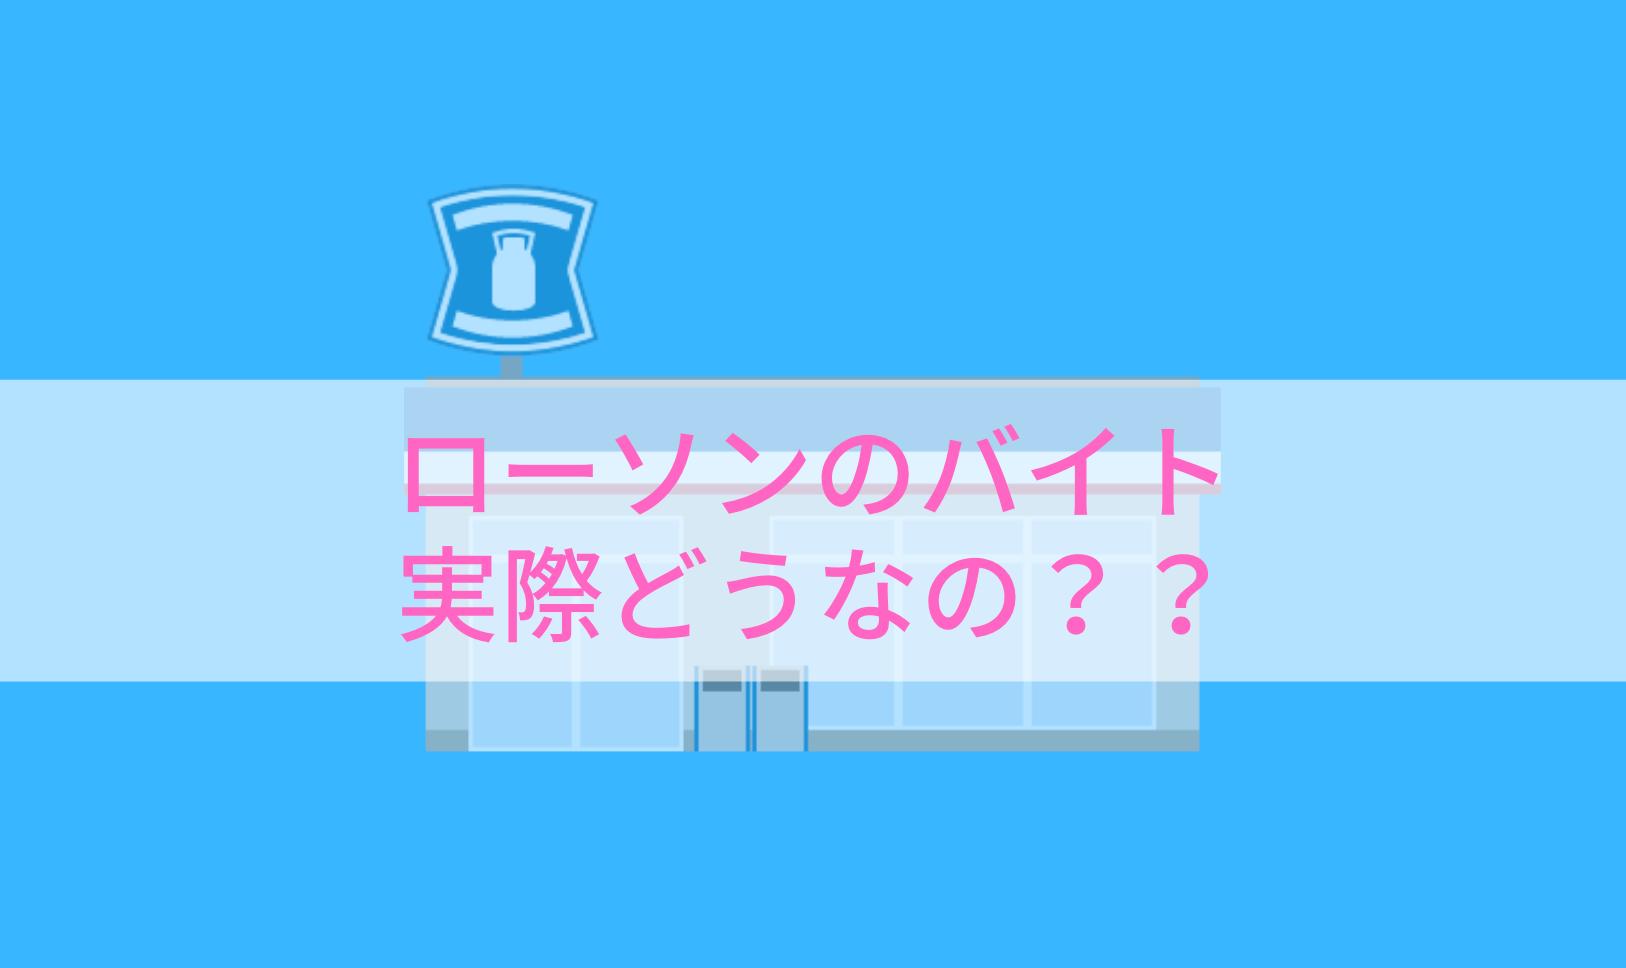 【評判・口コミ】ローソンのバイト経験者が研修〜面接対策まで徹底解説!